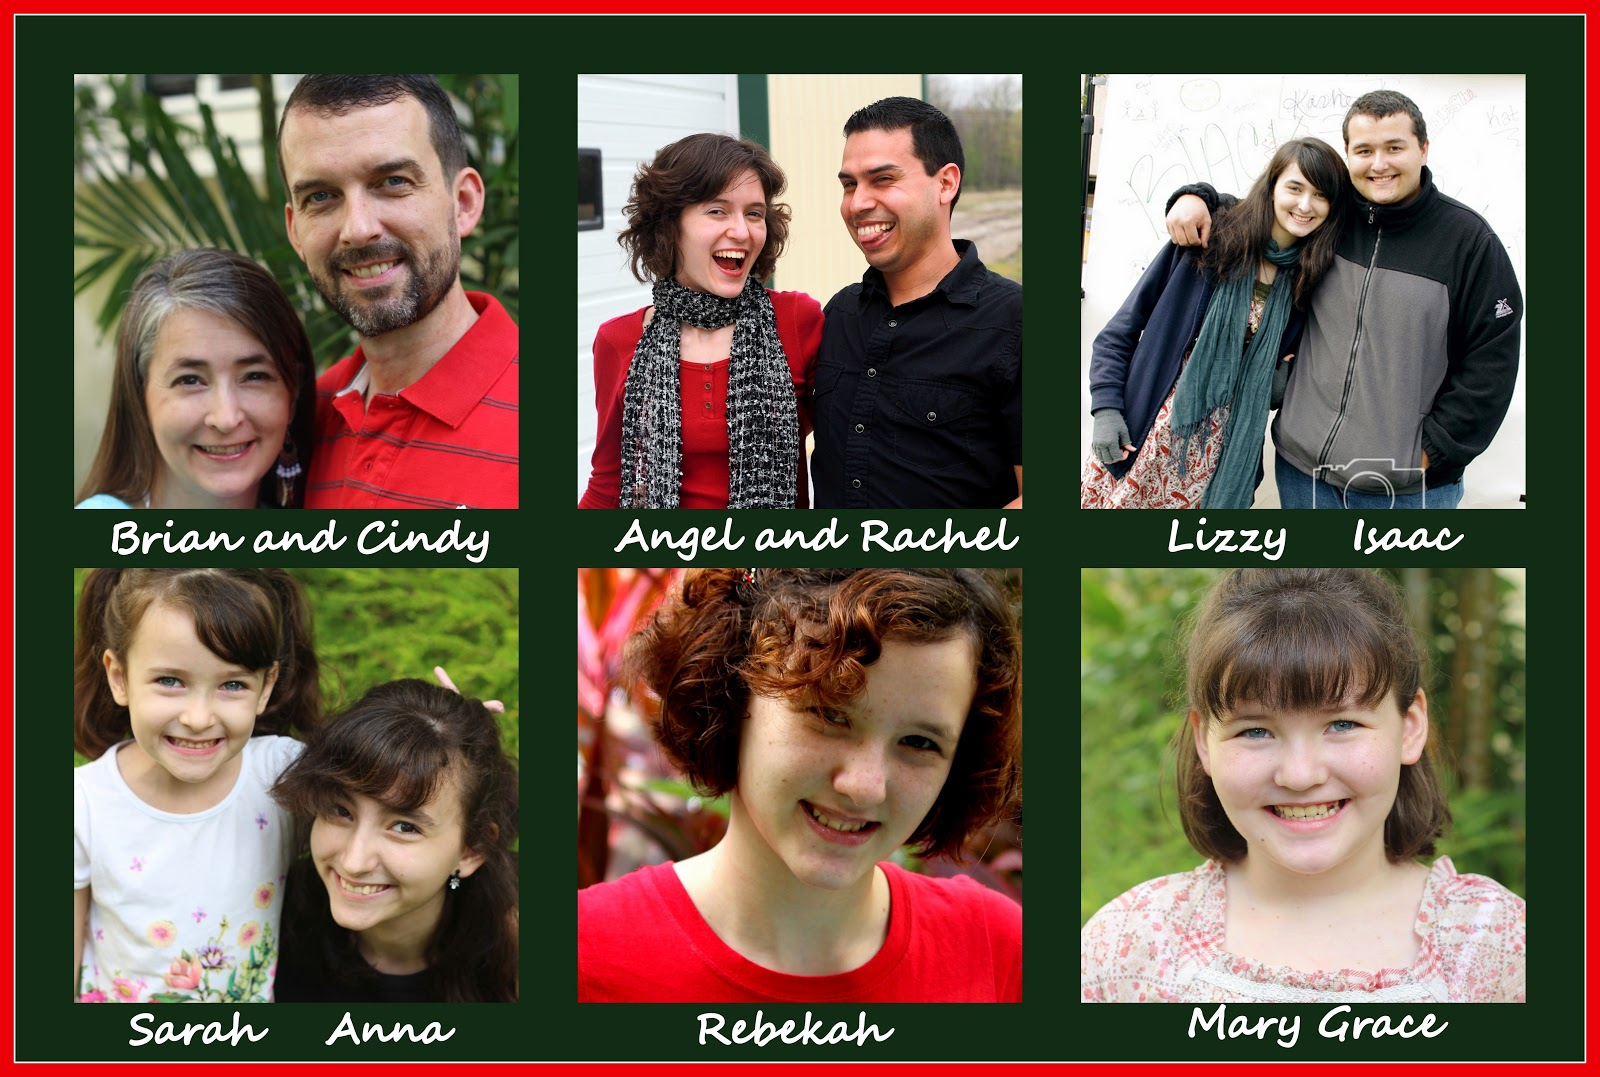 Brady Bunch Christmas Card.The Random Writings Of Rachel Handmade Christmas Cards